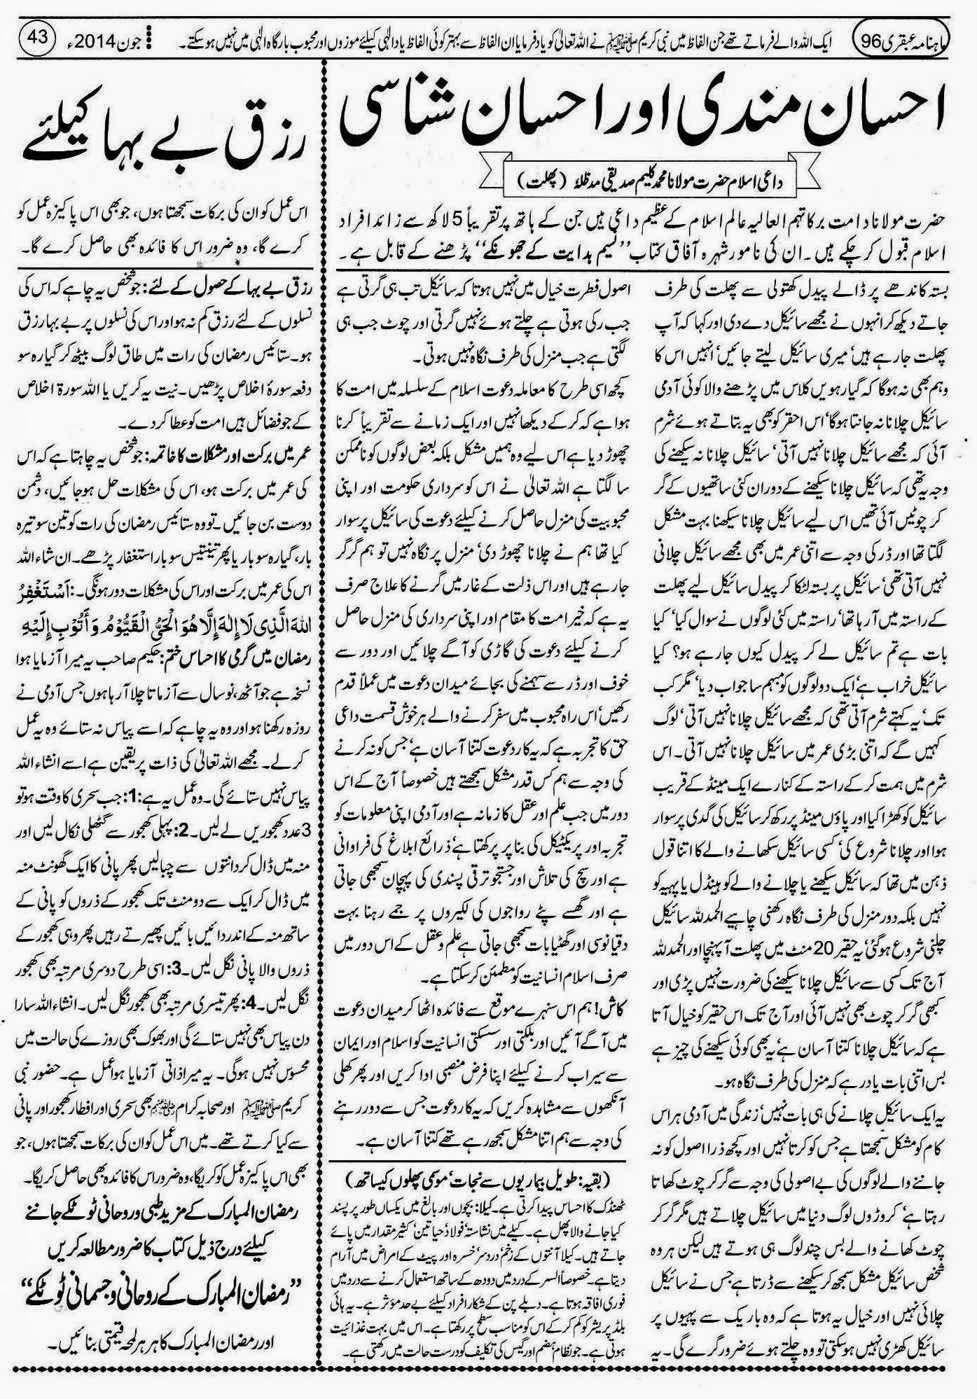 ubqari june 2014 page 43